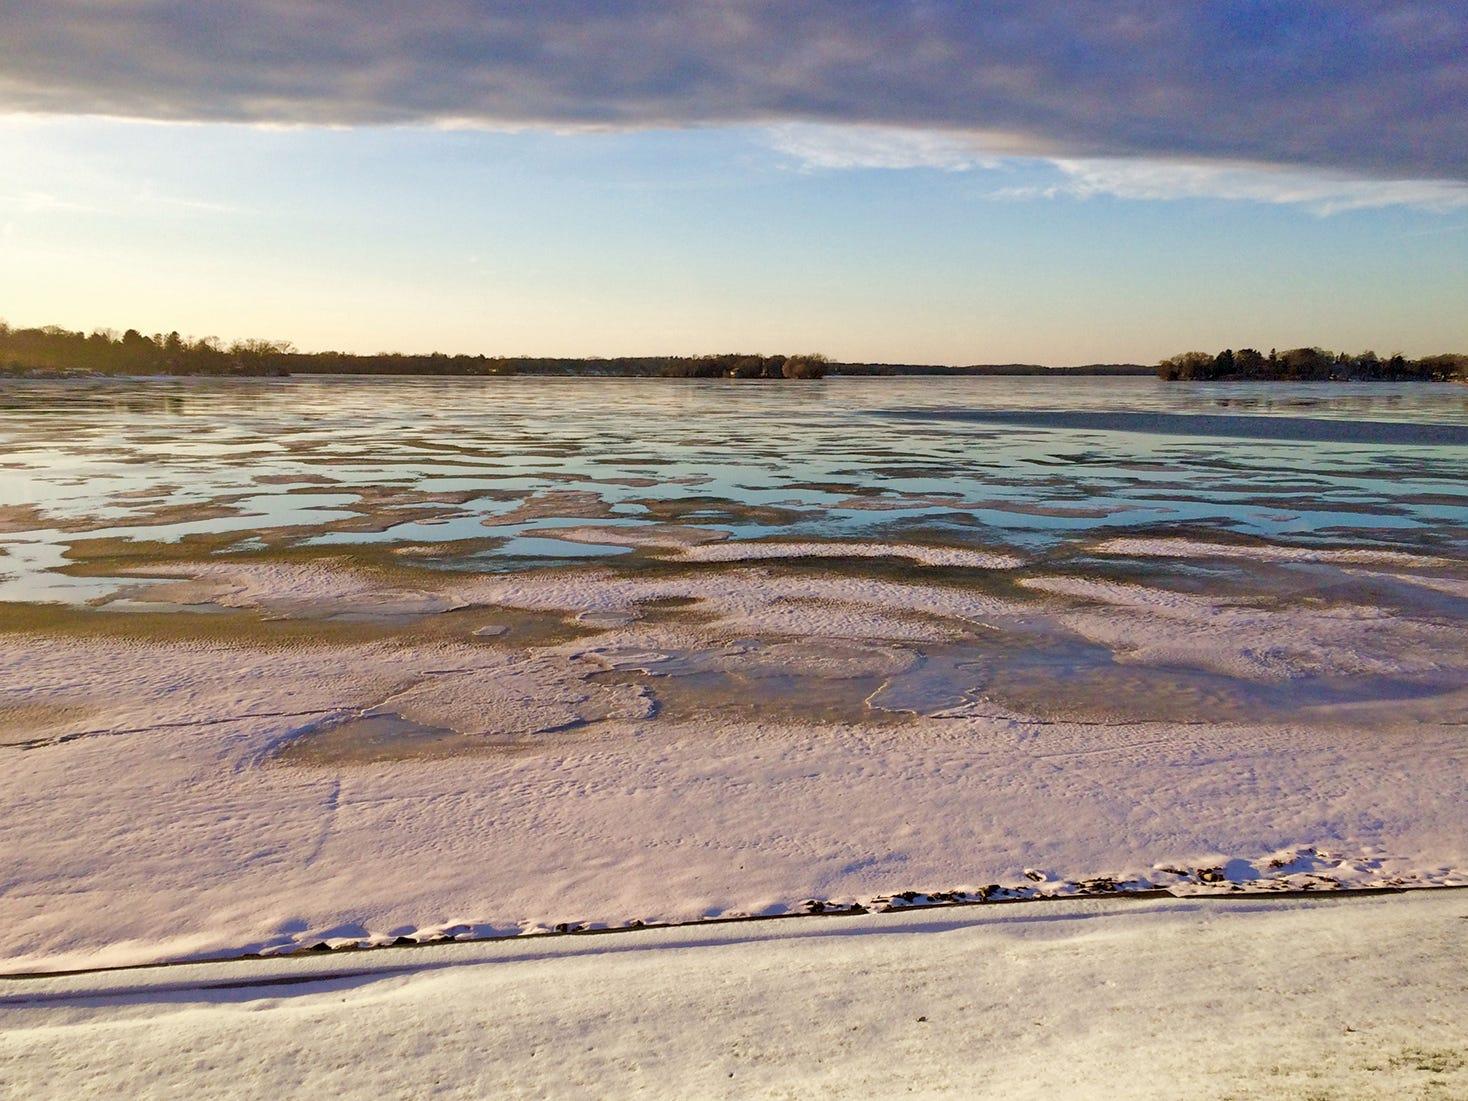 Lac La Belle.